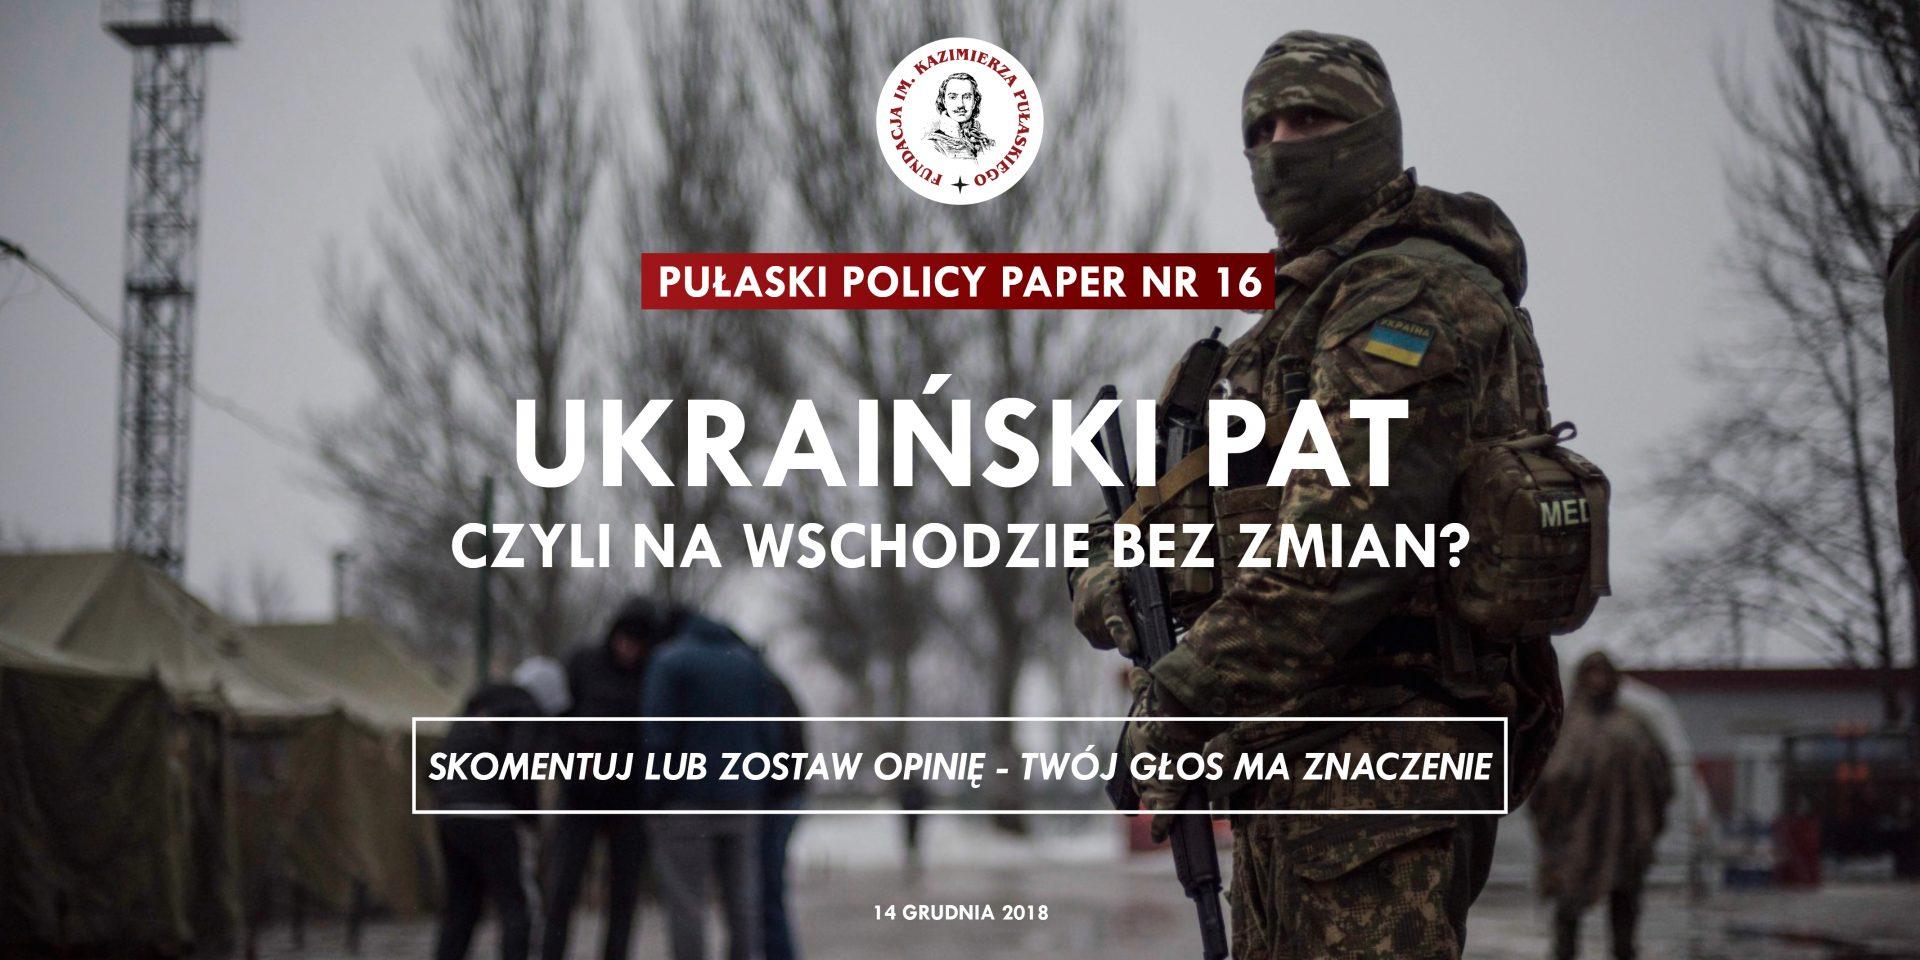 PULASKI POLICY PAPER – R. Lipka: Ukraiński pat, czyli nawschodzie bezzmian?